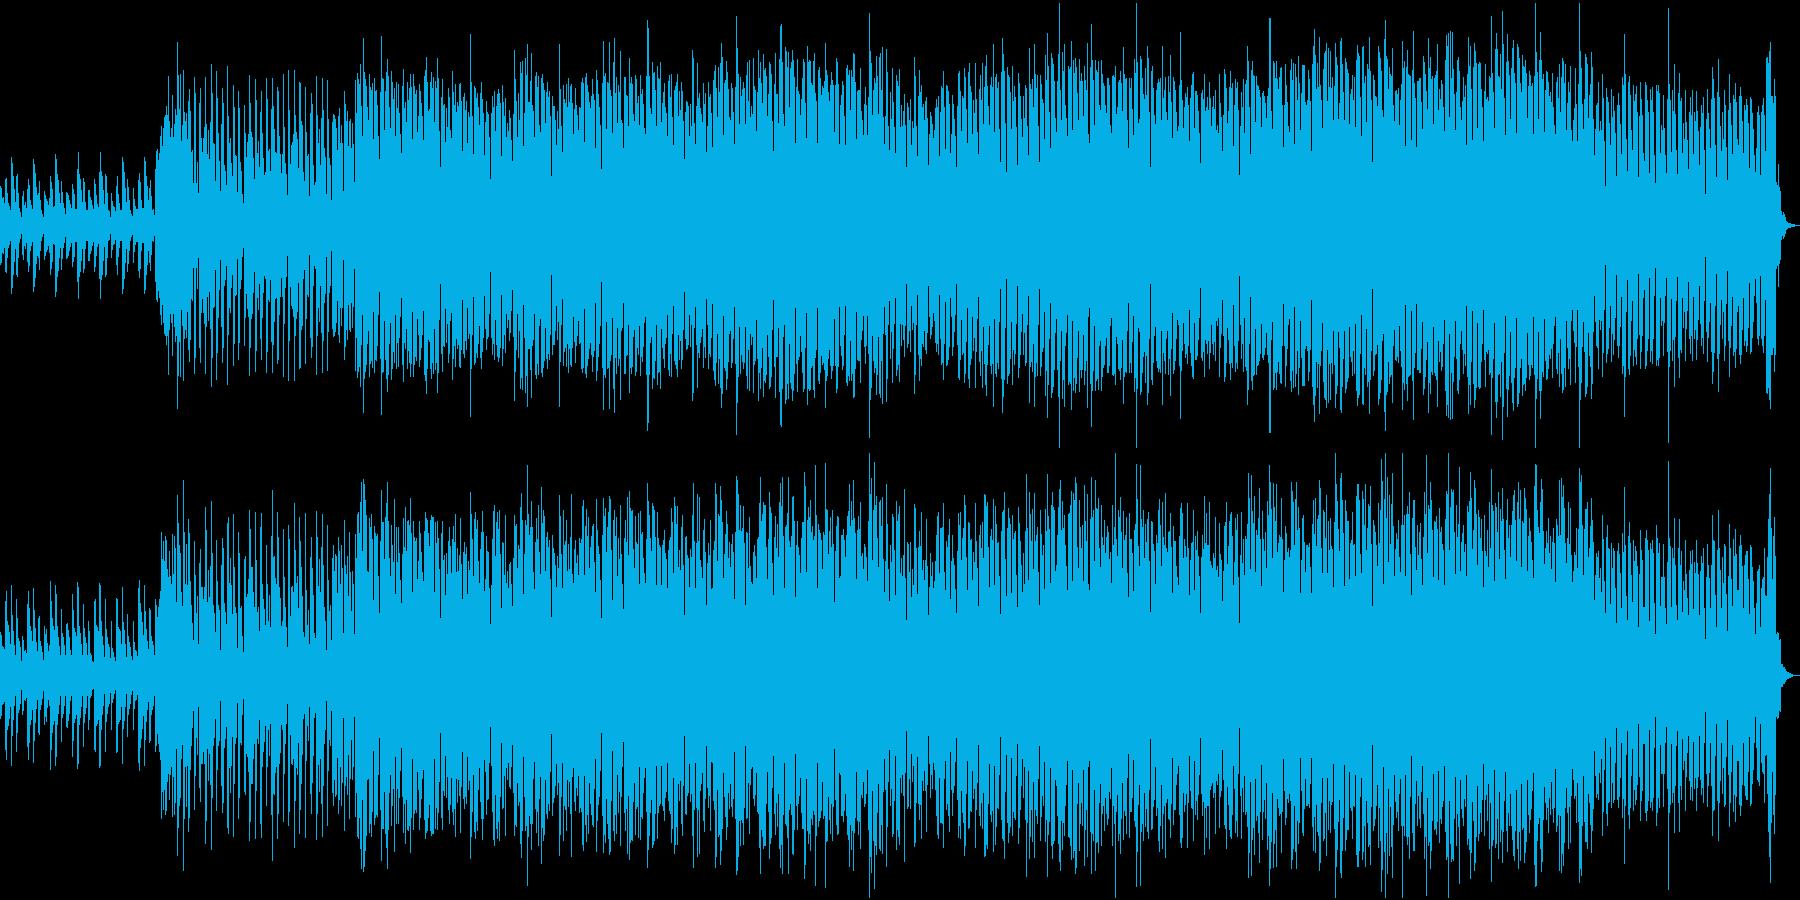 爽快で透き通るピアノのダンスチューンの再生済みの波形